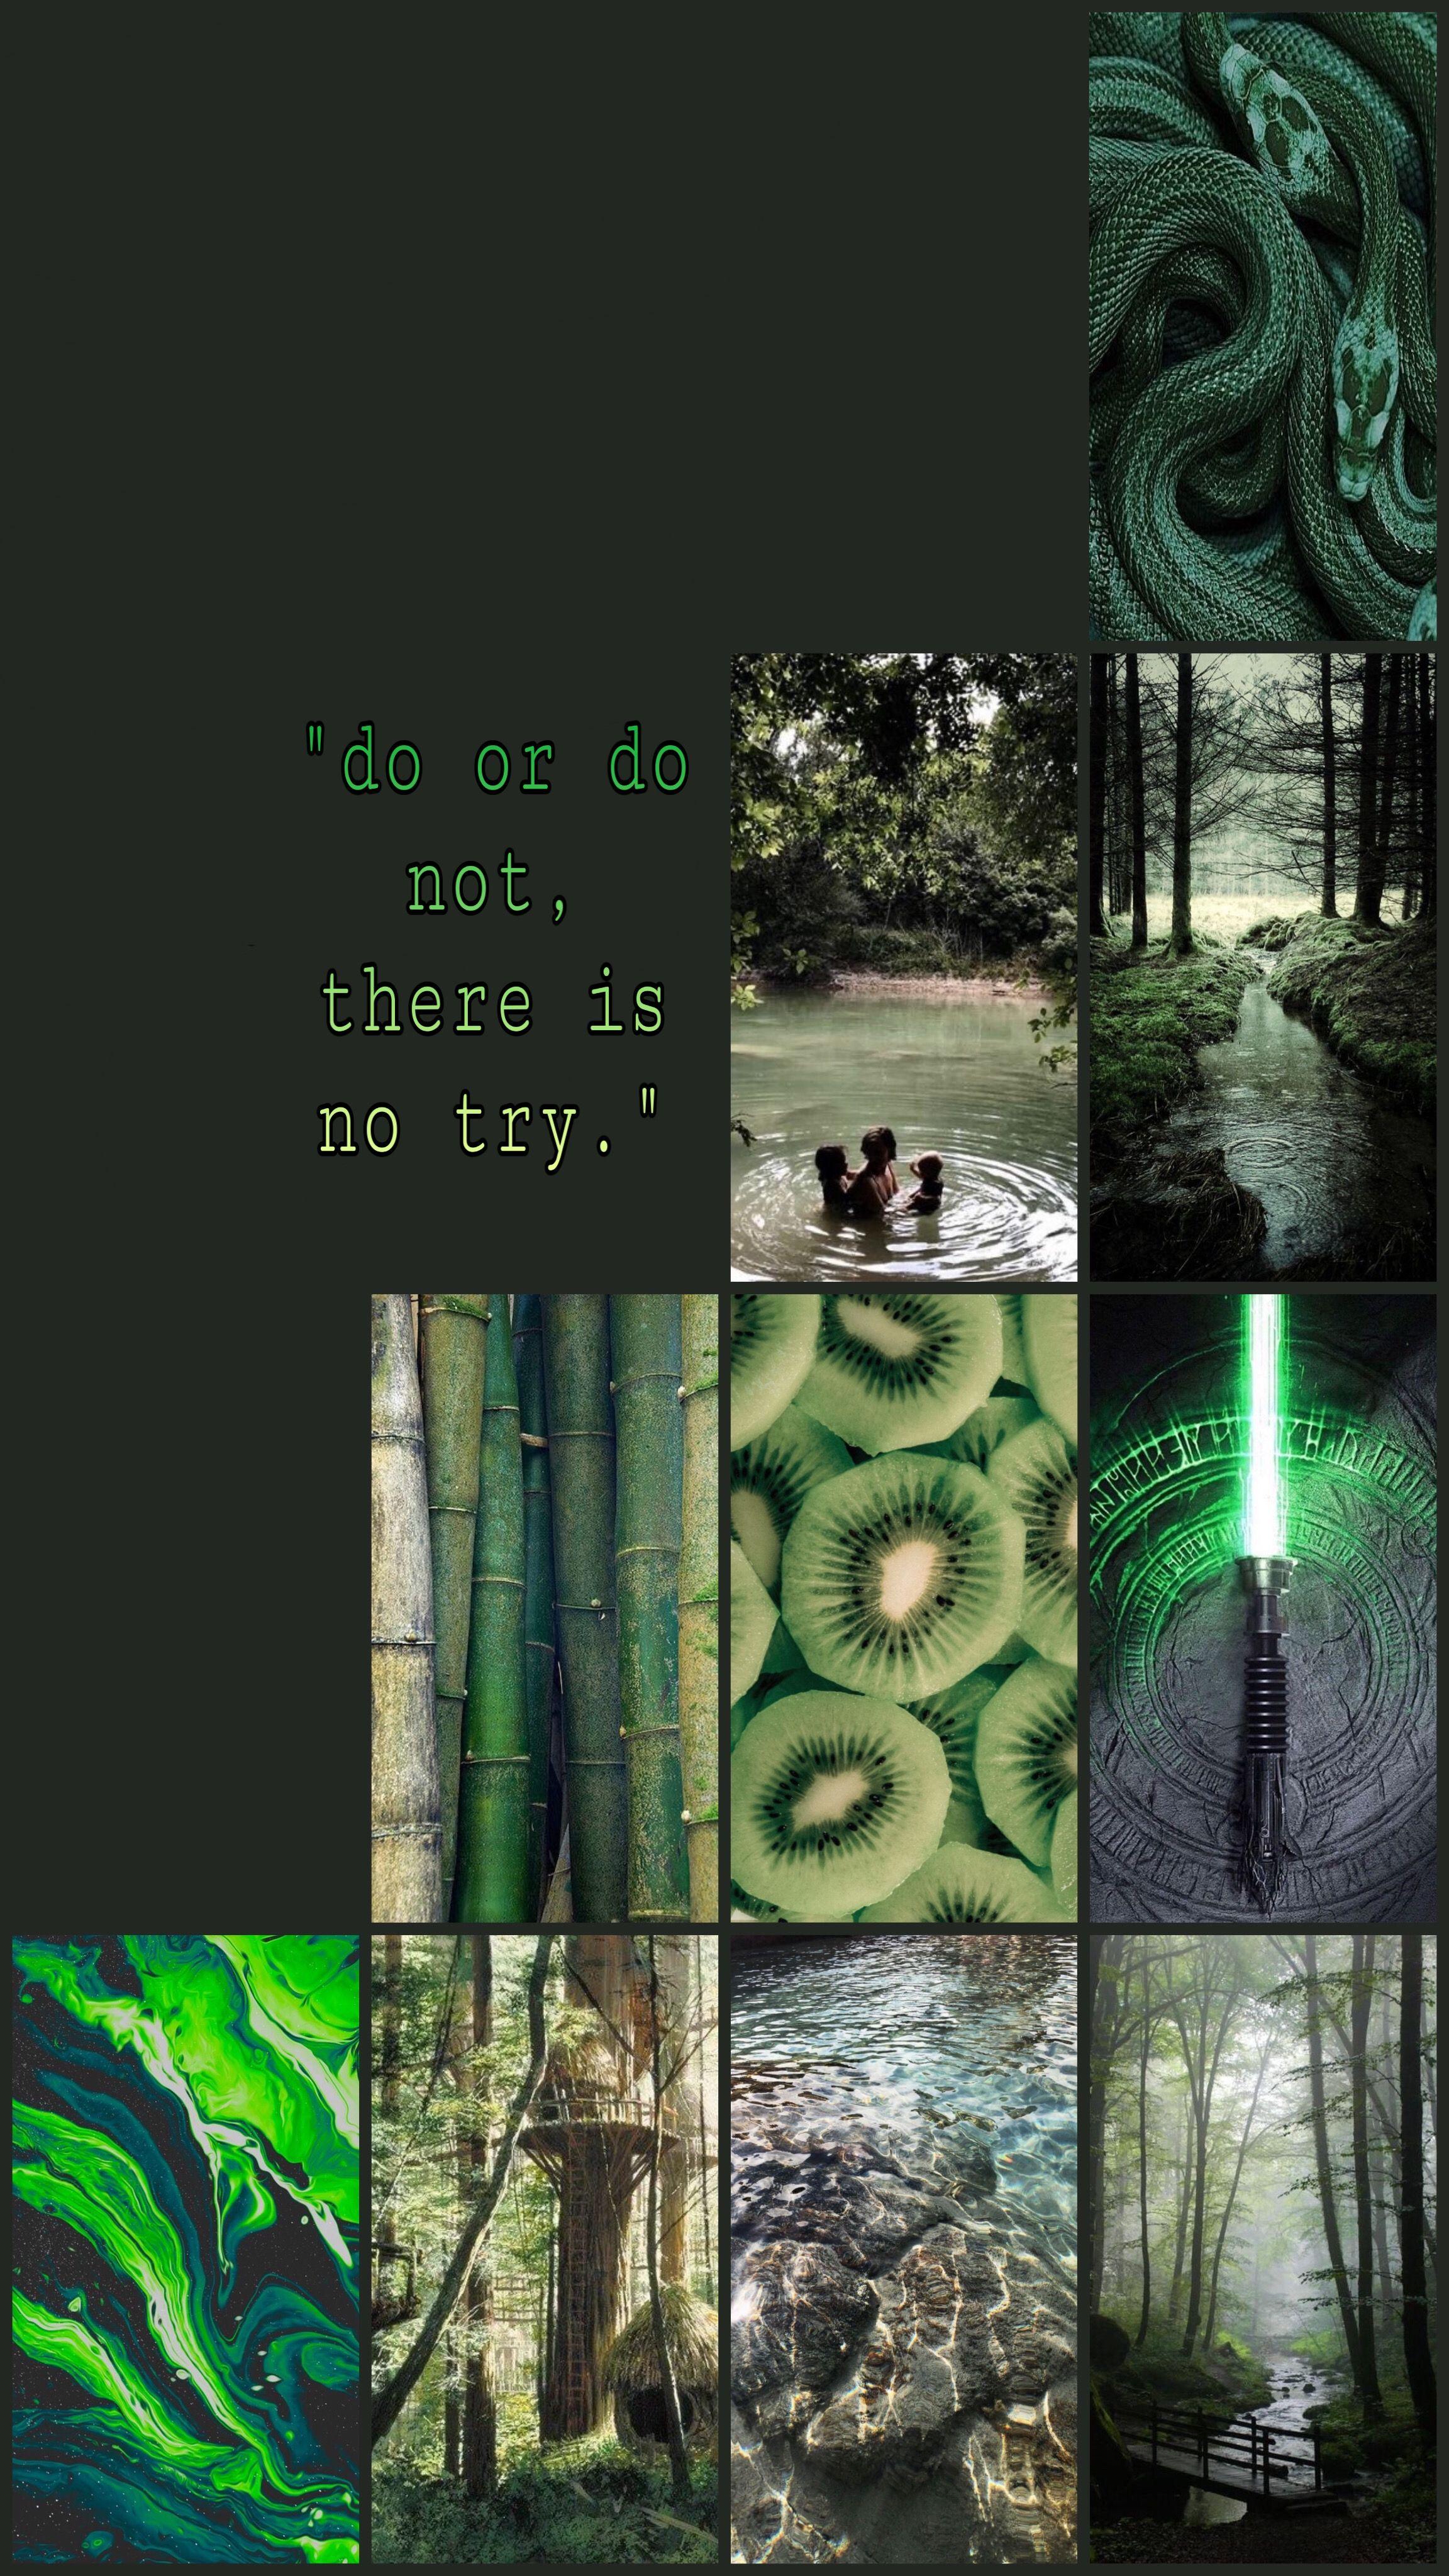 Starwars Green Aesthetic Wallpaper Aesthetic Wallpapers Green Aesthetic Star Wars